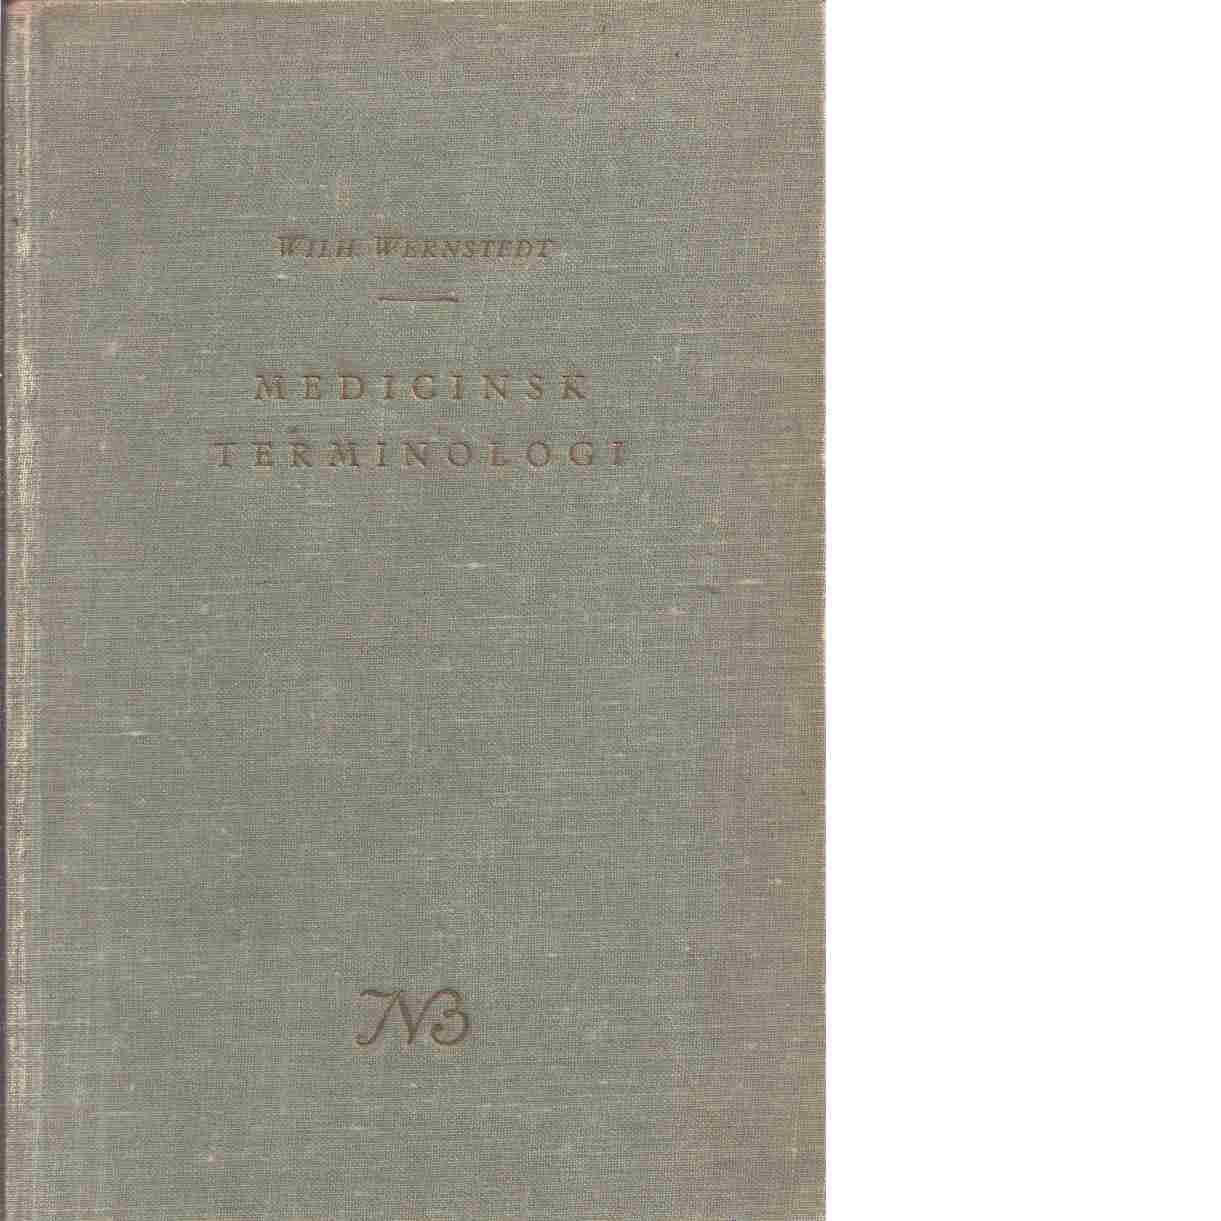 Medicinsk terminologi - Wernstedt, Wilhelm